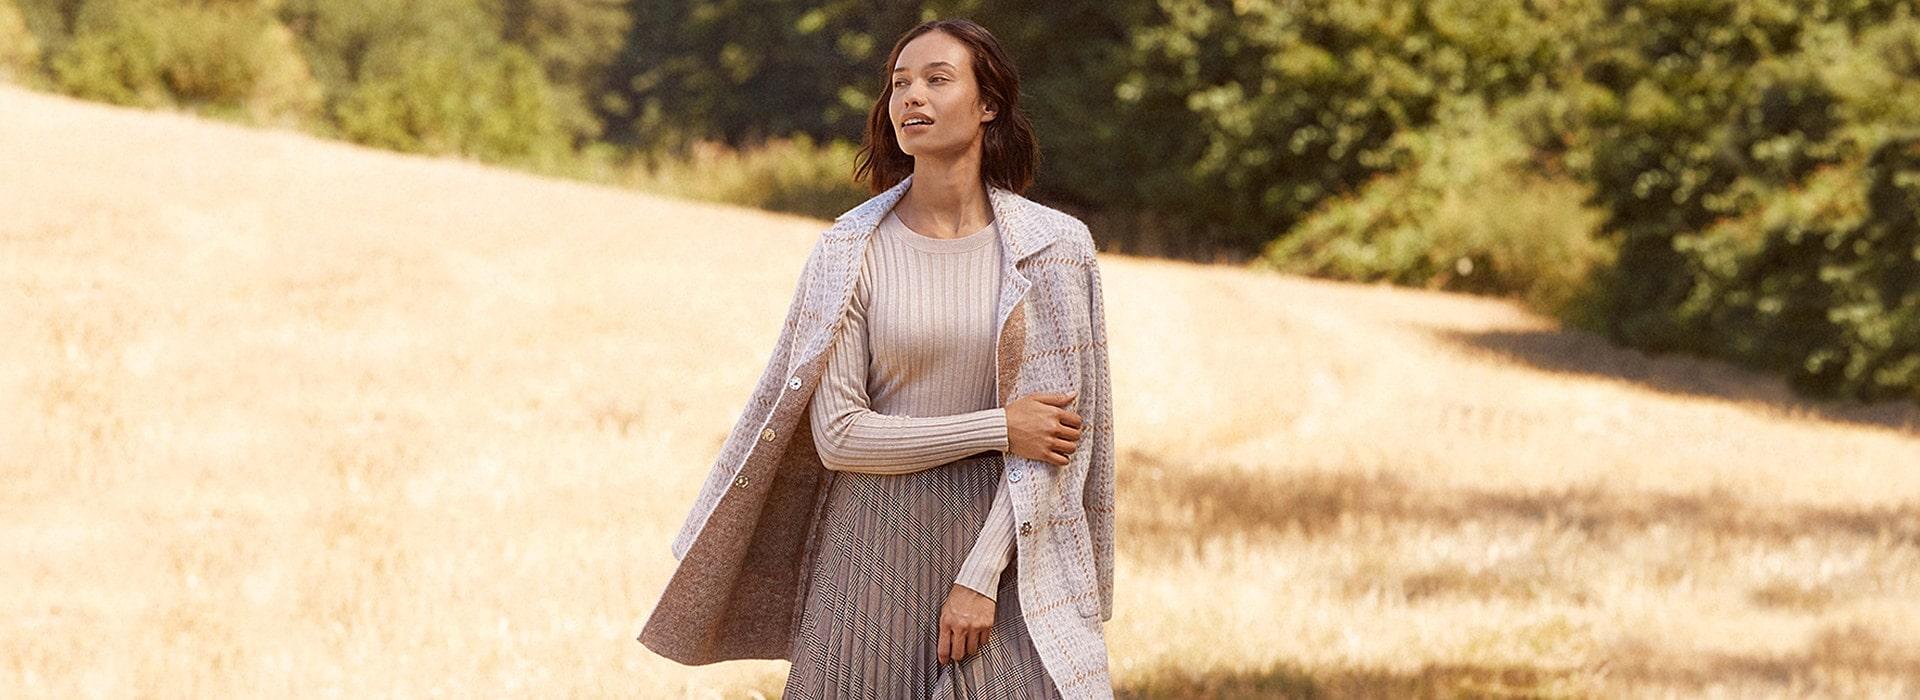 Eine Frau in einem beigen Outfit auf einem Feld